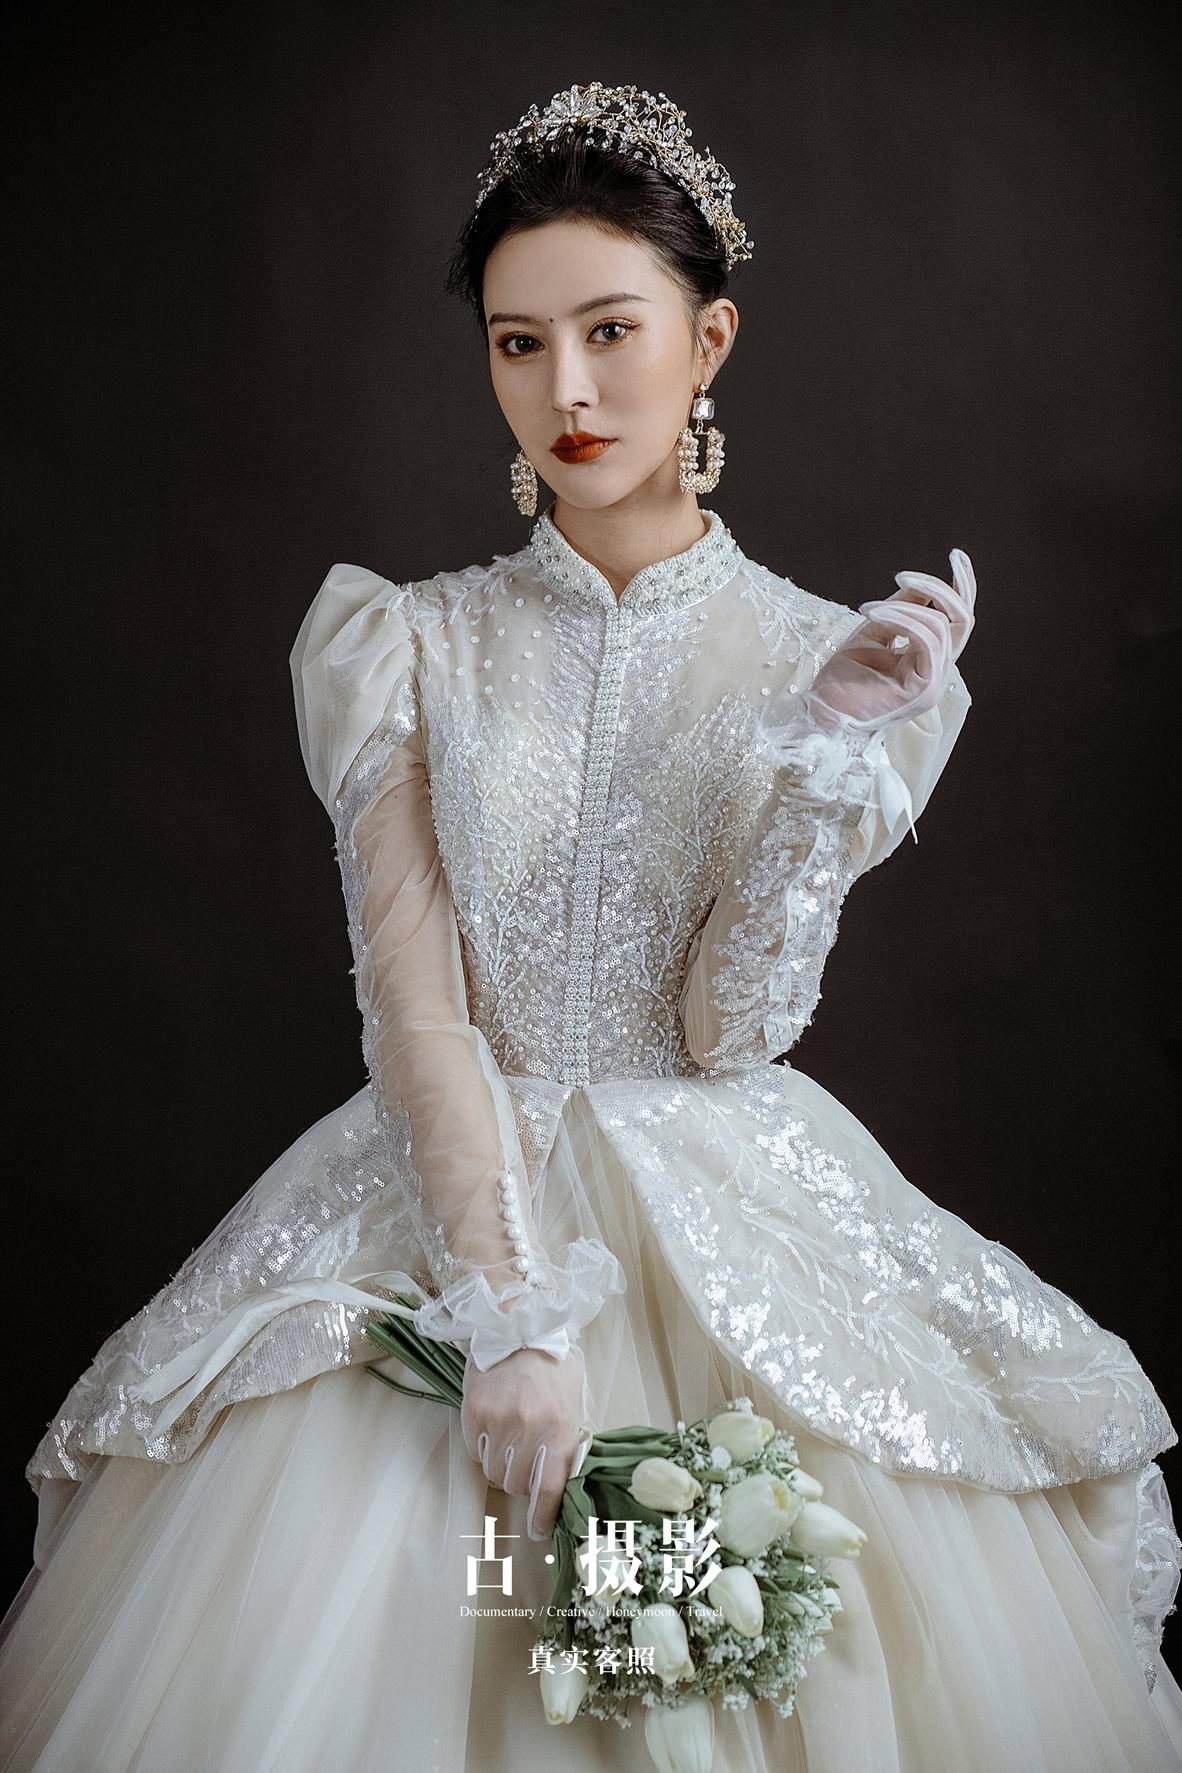 李先生 罗小姐 - 每日客照 - 古摄影婚纱艺术-古摄影成都婚纱摄影艺术摄影网